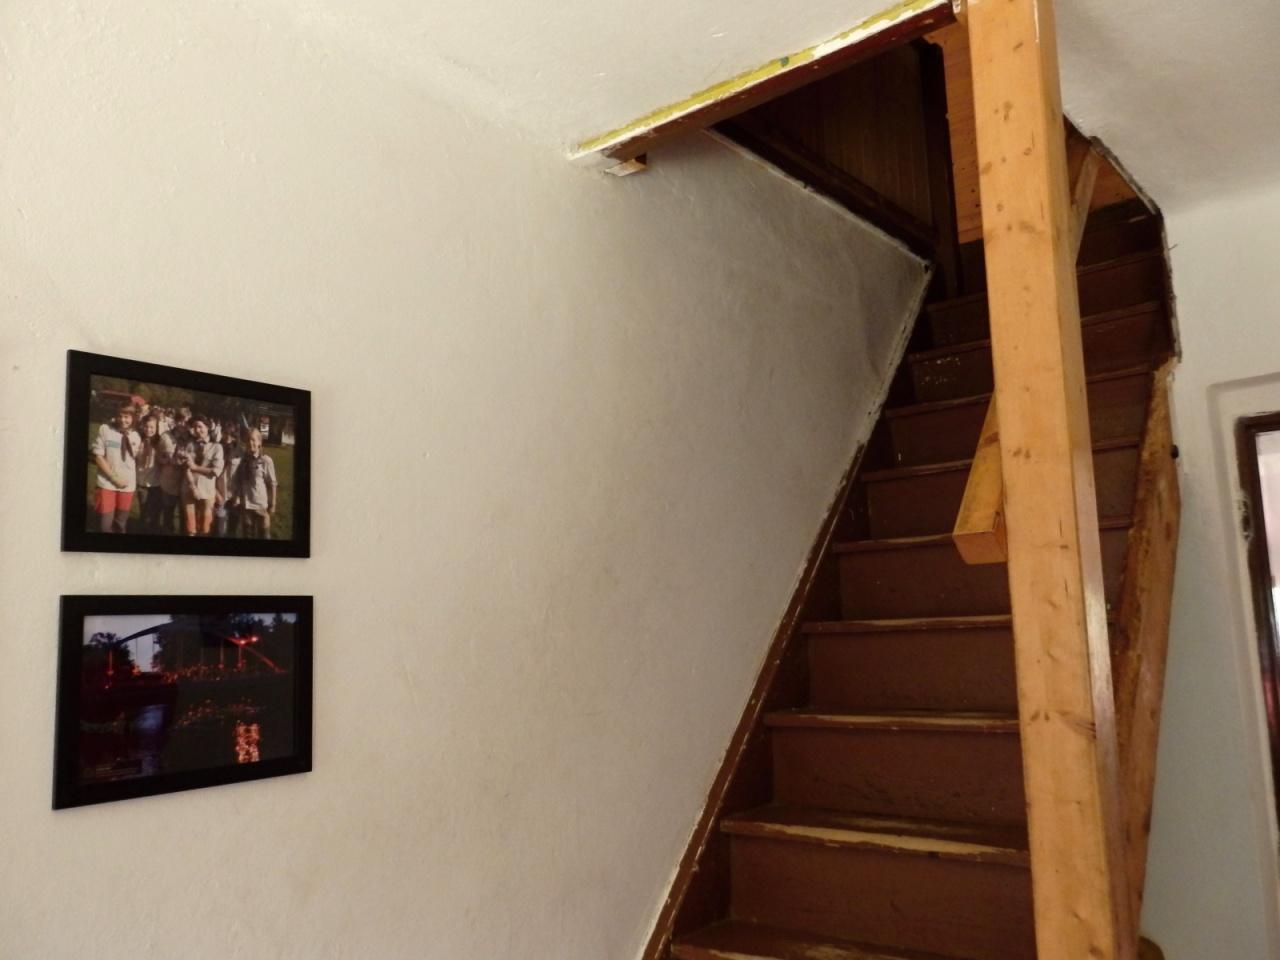 Prostory chaty - chodba a schodiště na půdu